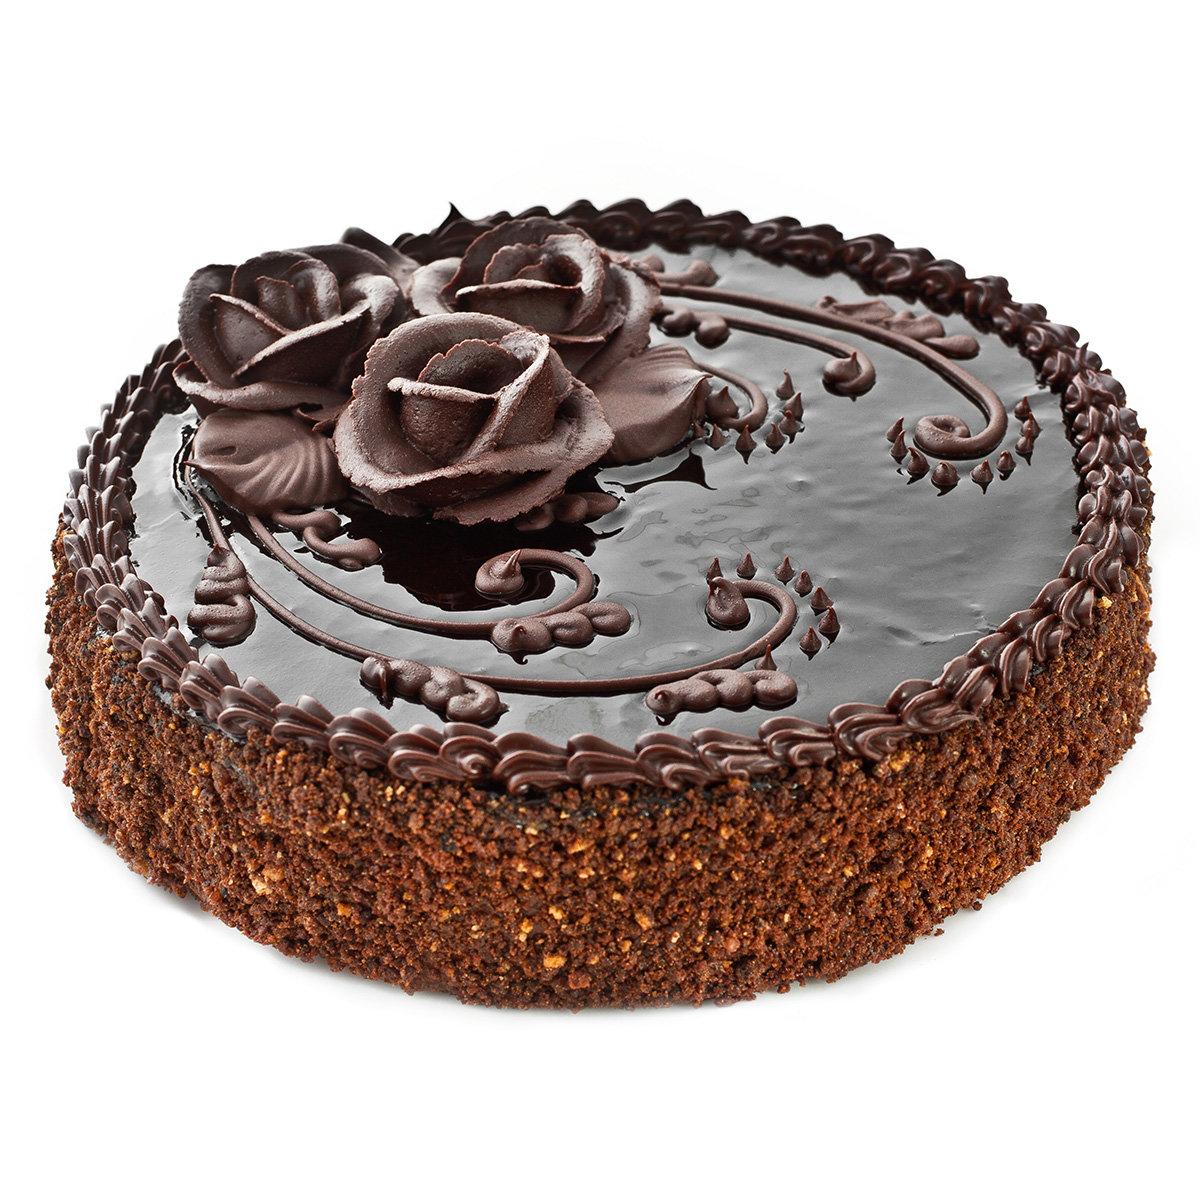 Четвёртый этап собираем торт: на подложку укладываем первый слой коржа и пропитываем его коньячным сиропом, смазываем кремом.повторяем всё со вторым коржом.